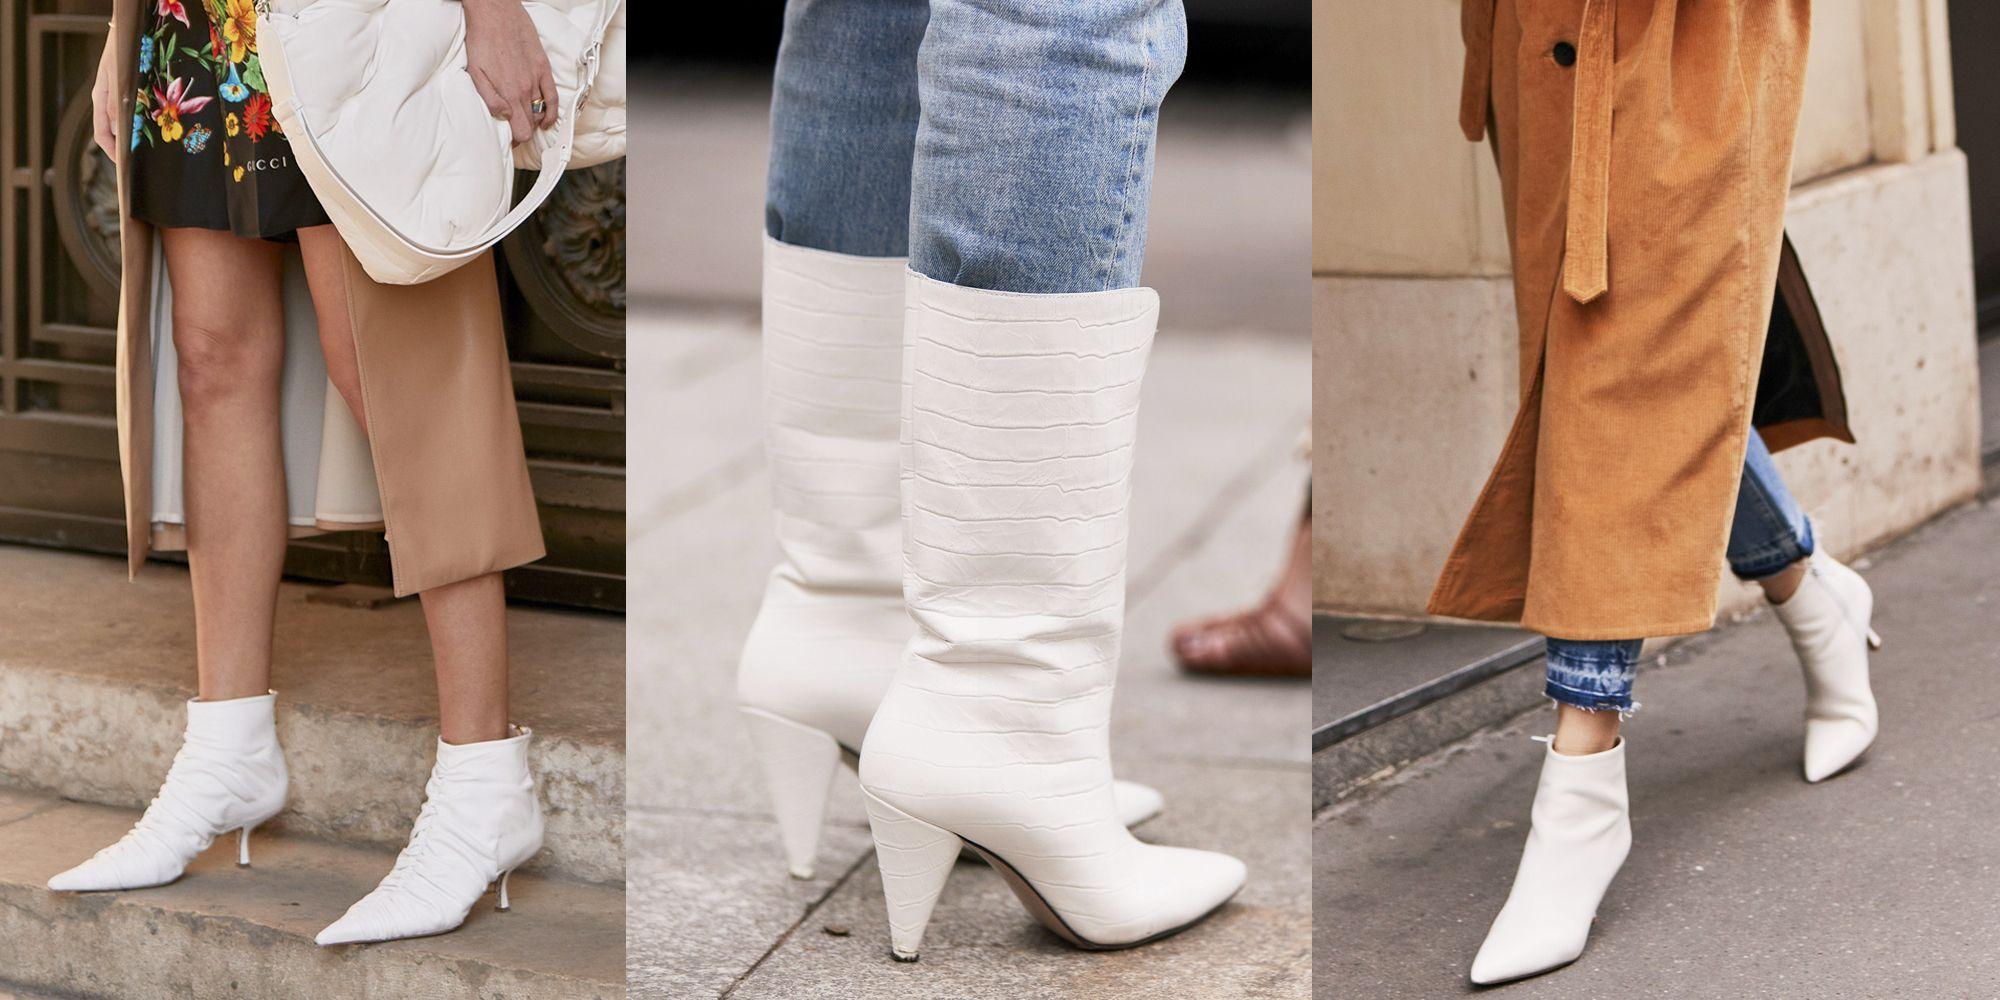 Ti sveliamo la nuova tendenza per gli stivali estivi 2019, sono bianchi e  super sensuali